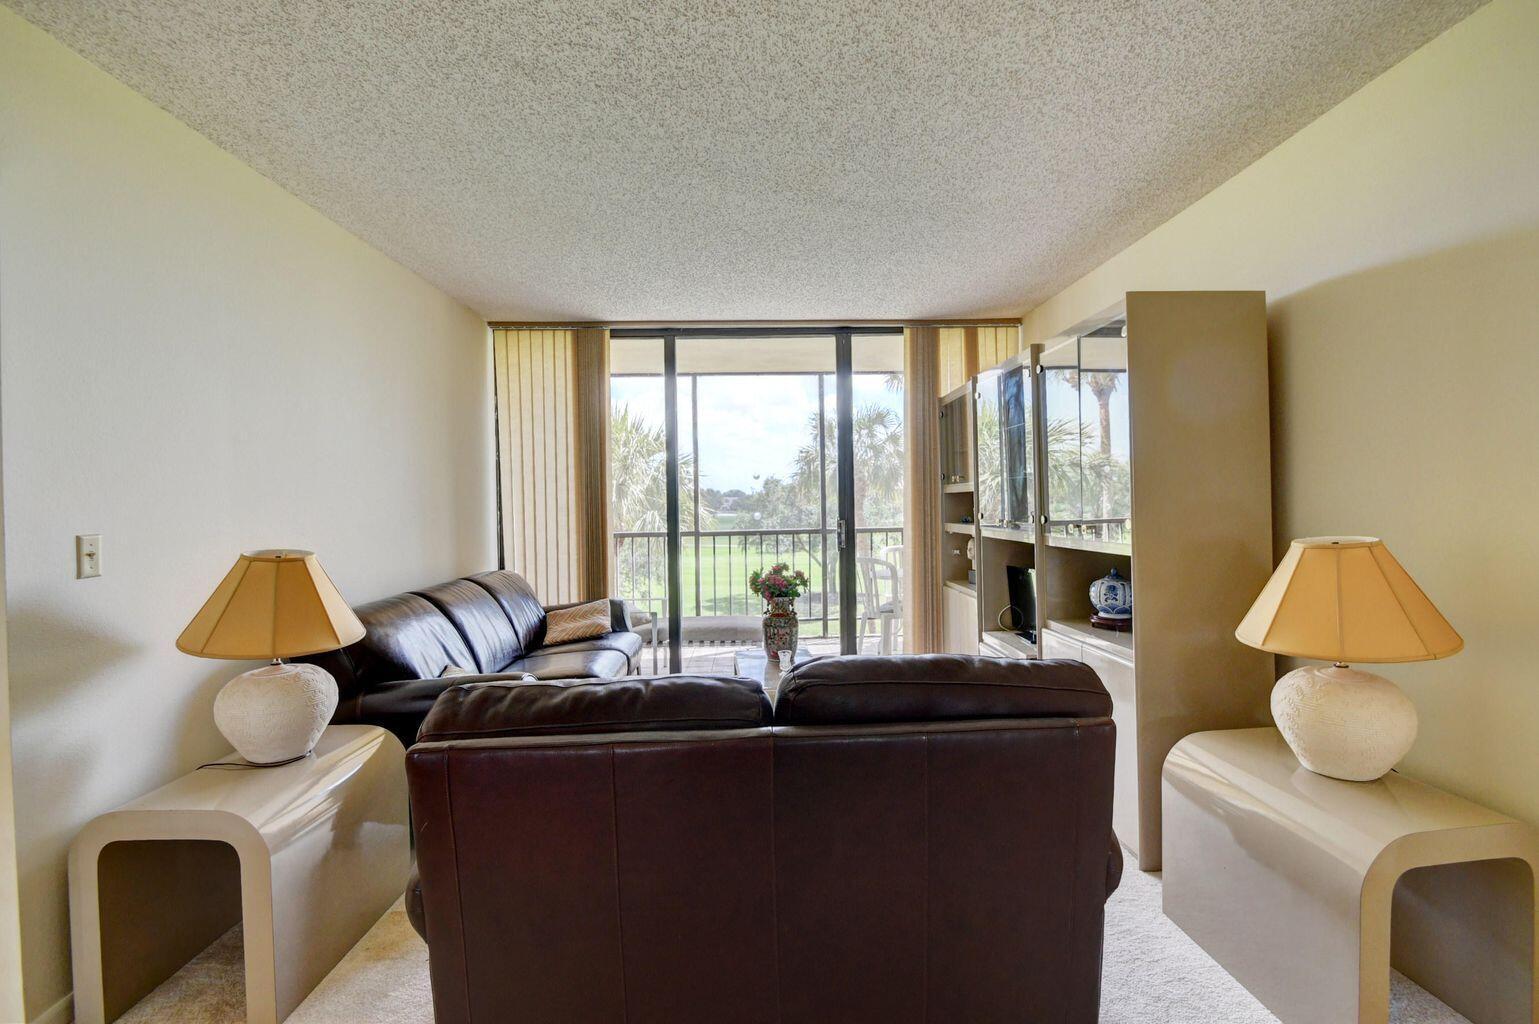 3036 - Living Room Overlooking Golf View